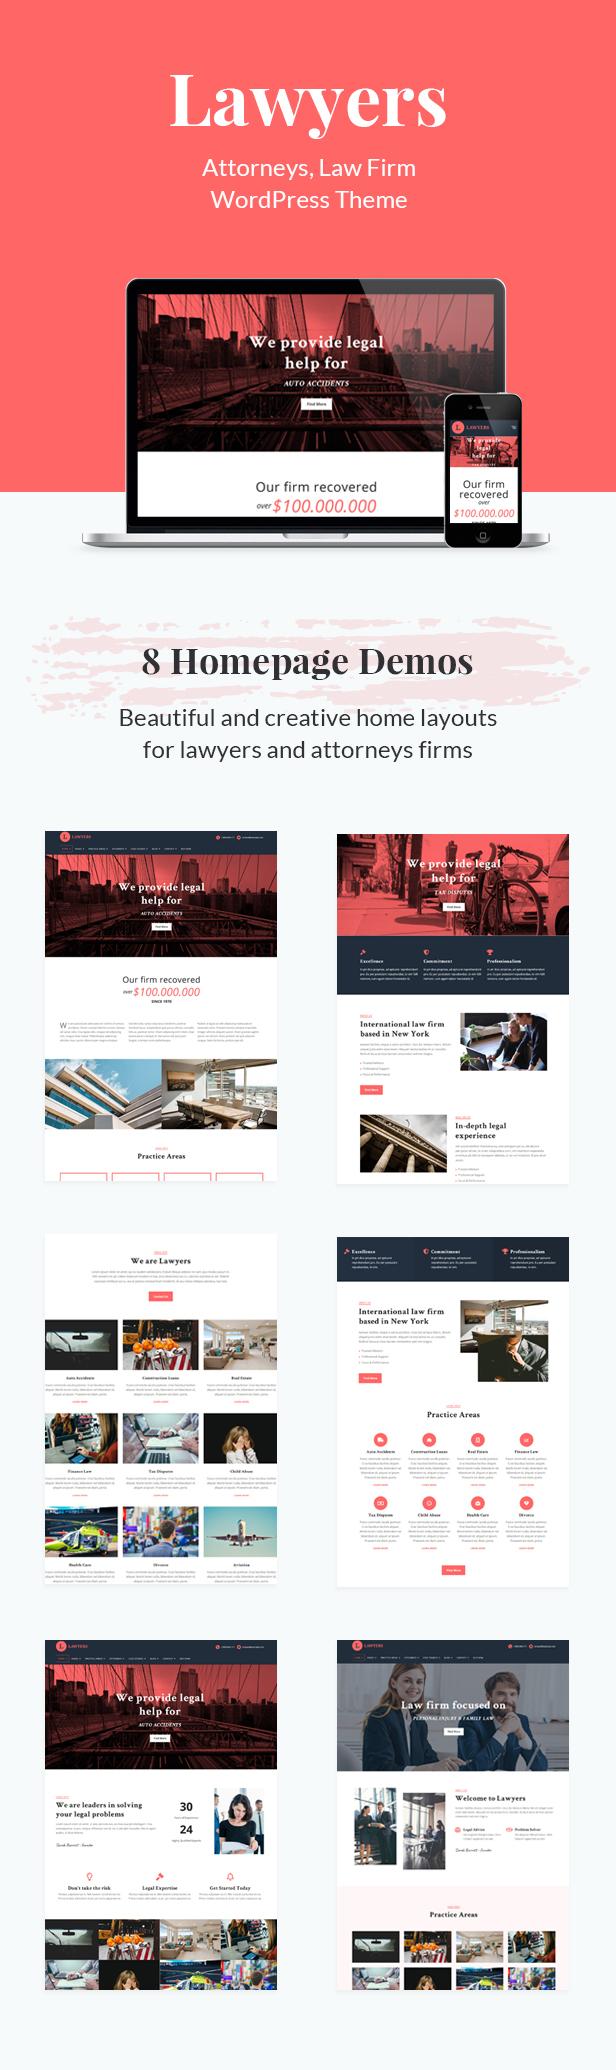 المحامون - موضوع وورد الأعمال المتجاوبة - 2